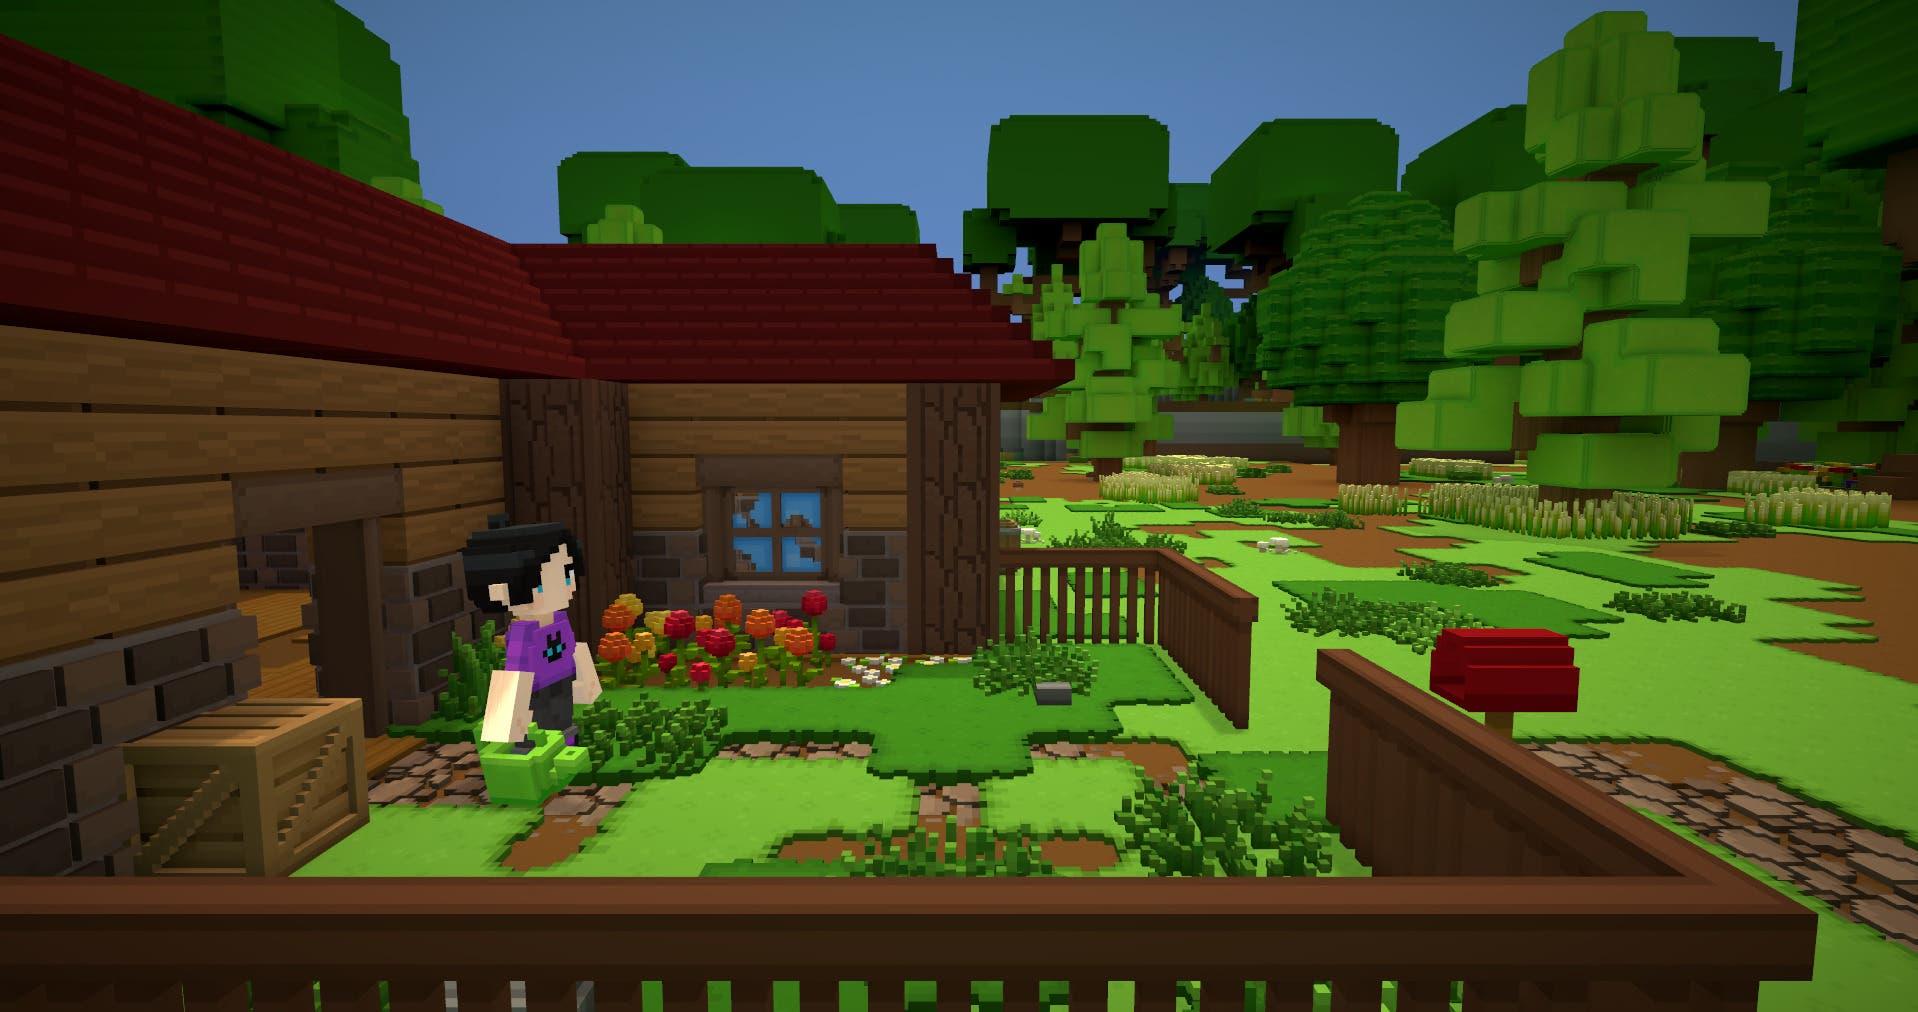 Imagen de Staxel confirma lanzamiento en Nintendo Switch